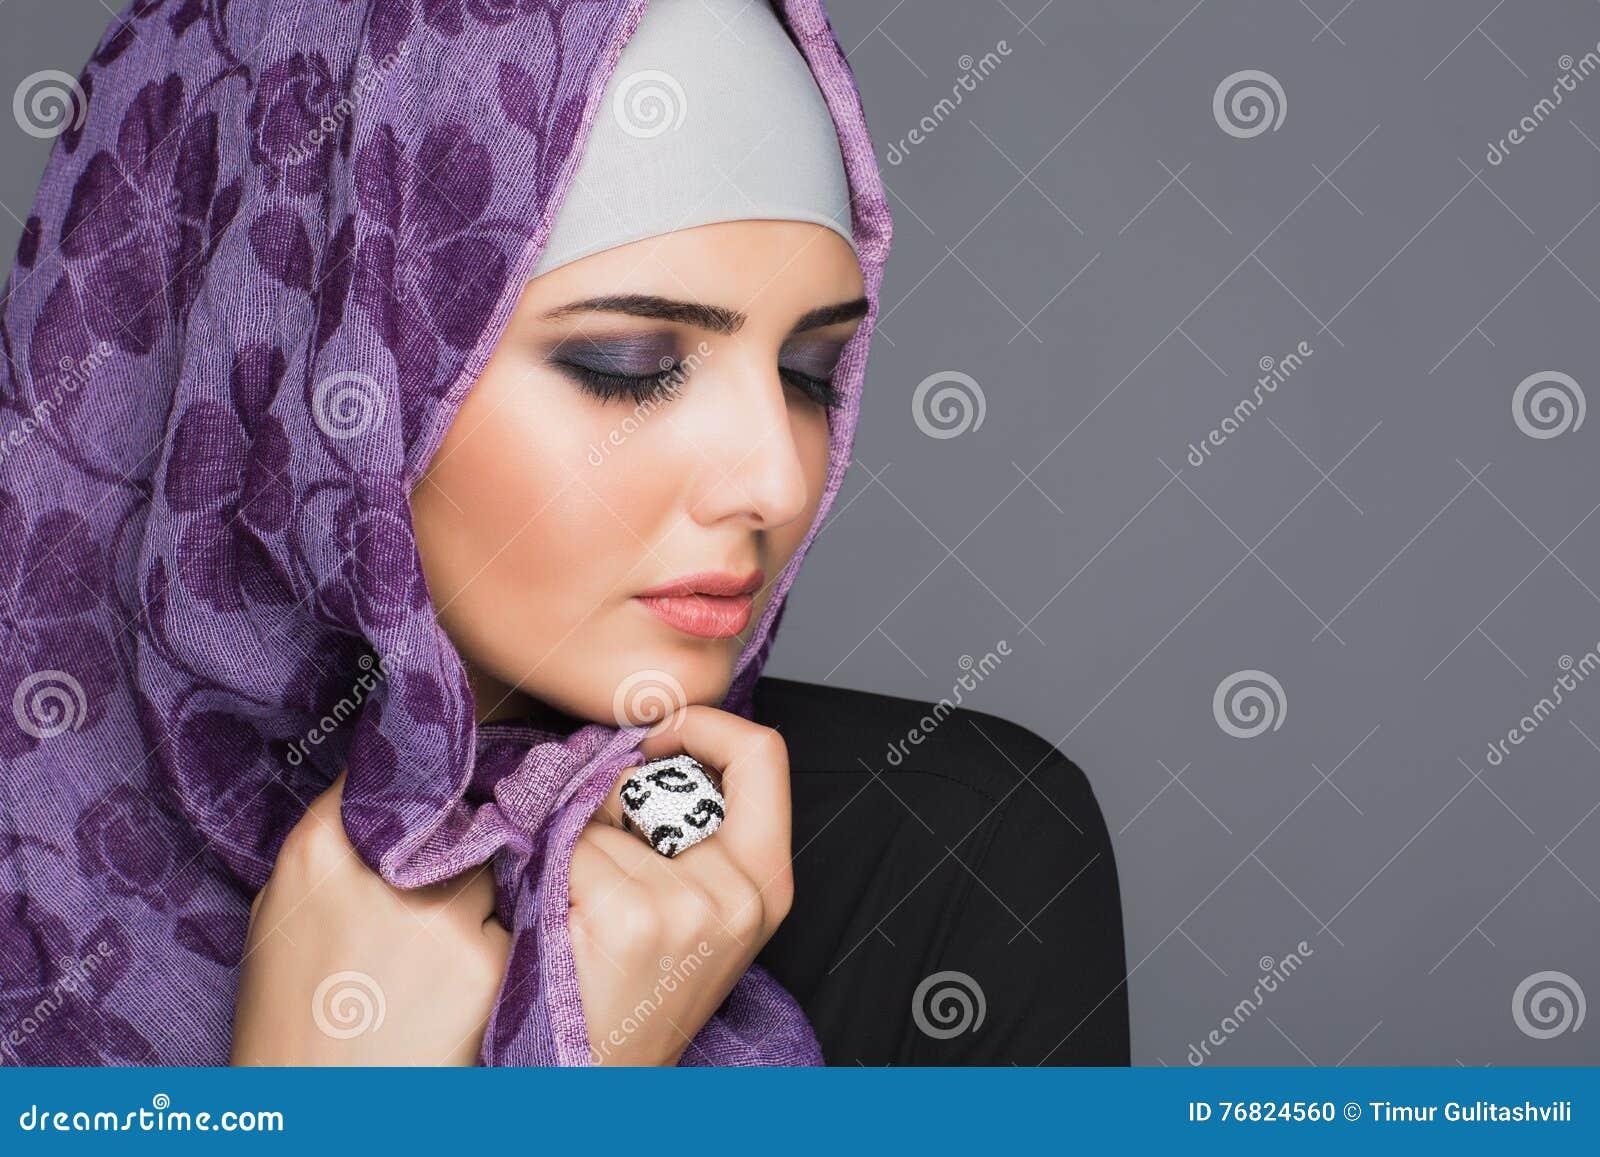 Знакомства бишкеке исламские в